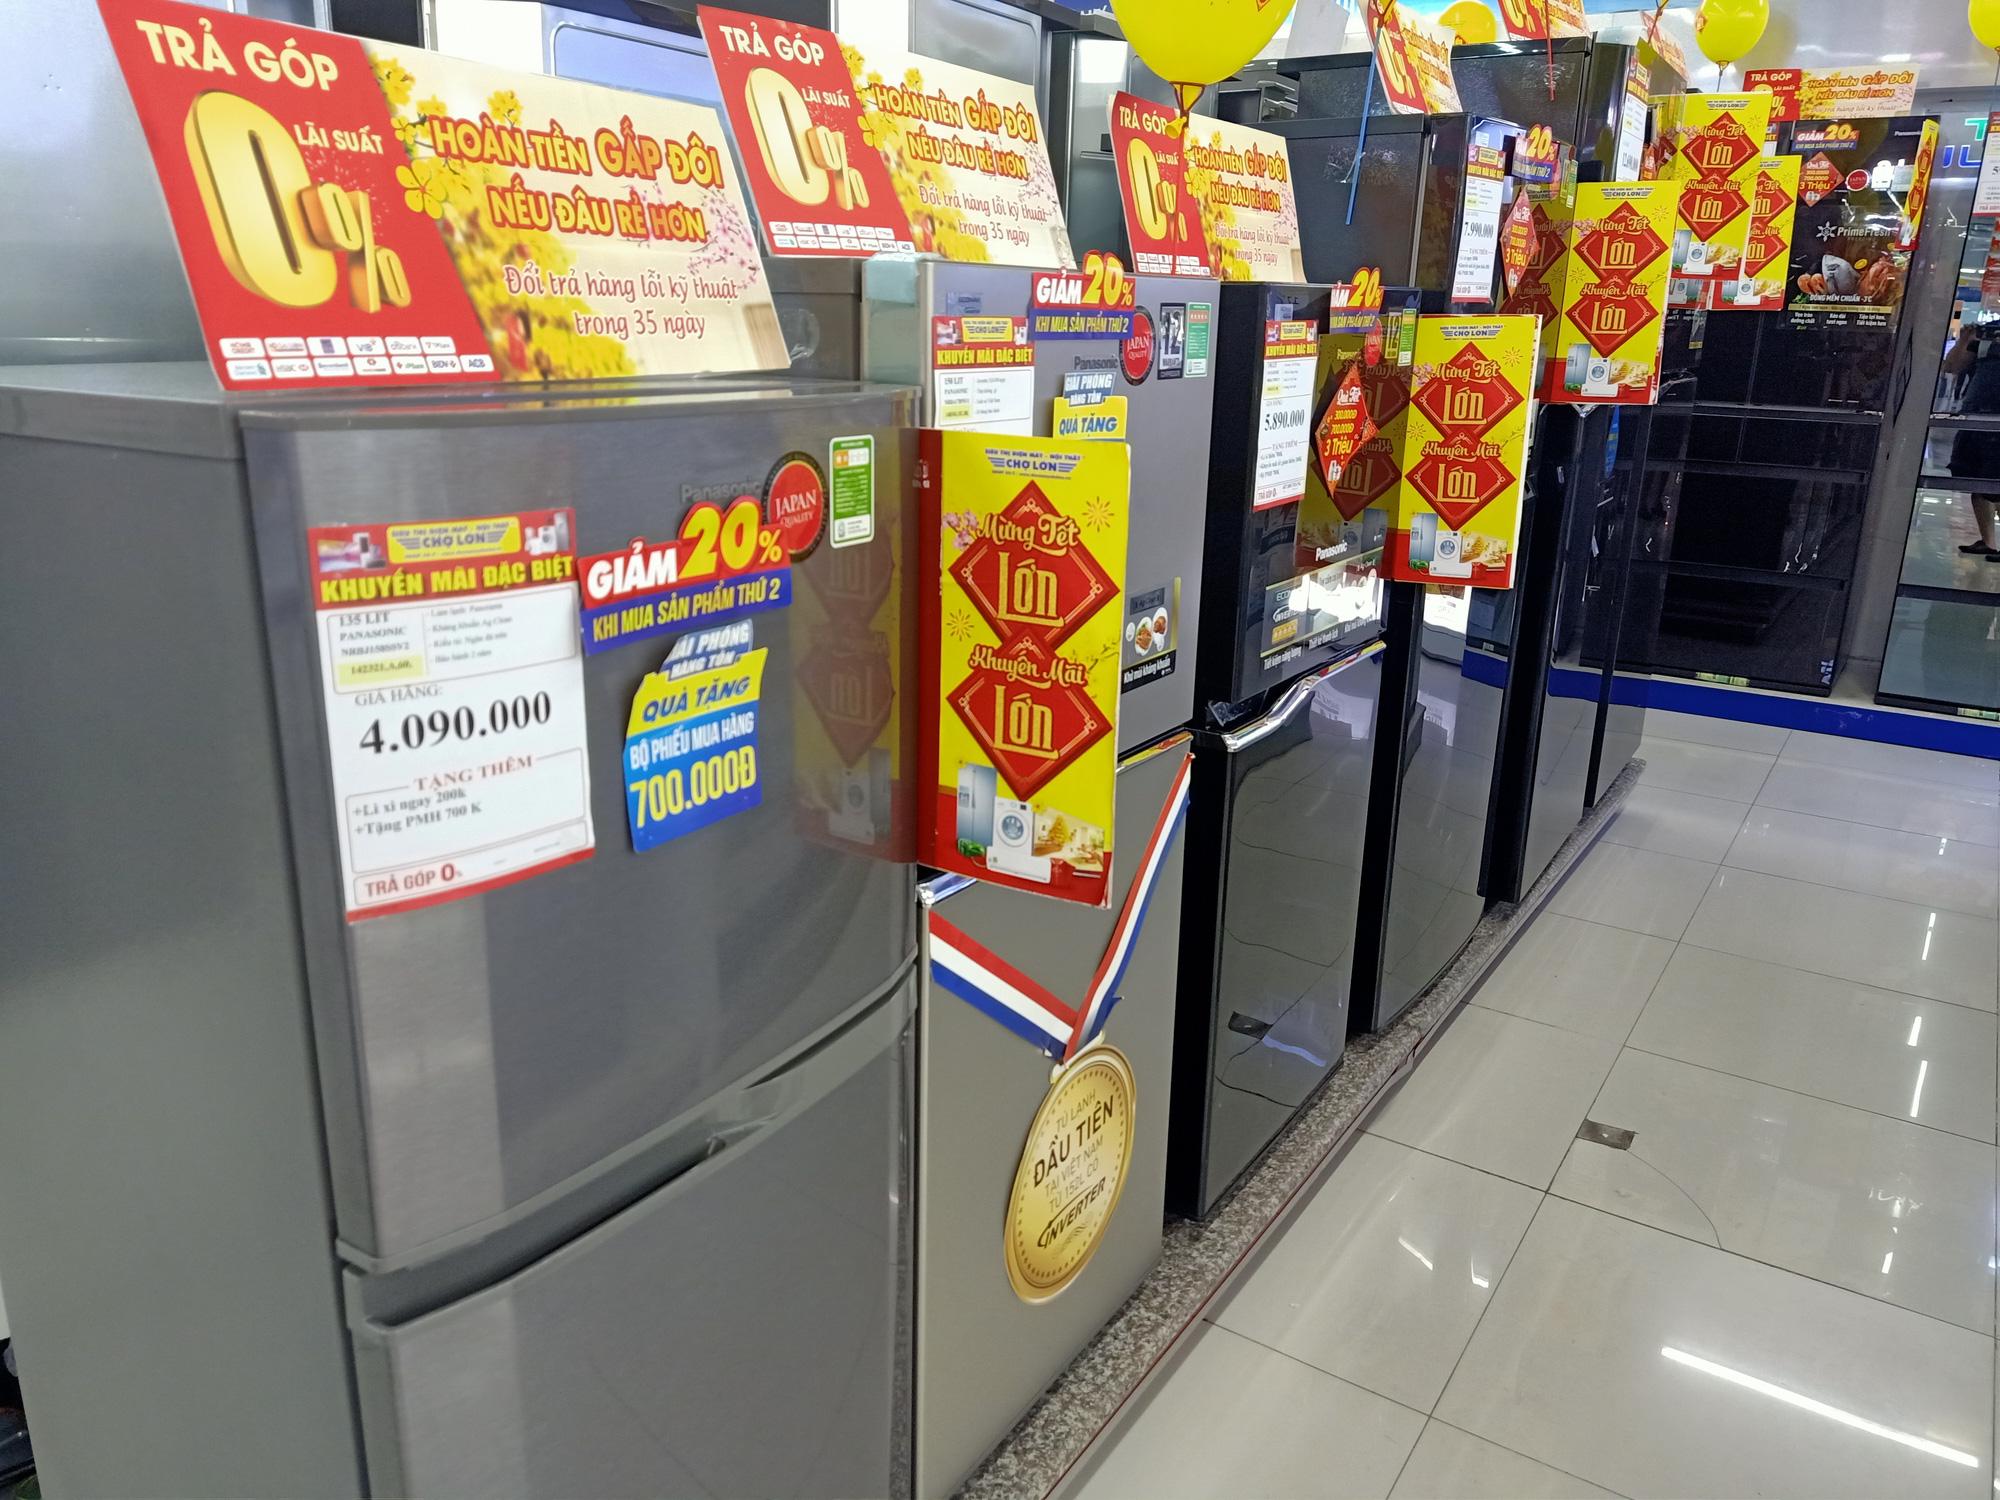 Những tủ lạnh giảm giá nổi bật đầu tháng 6 - Ảnh 1.